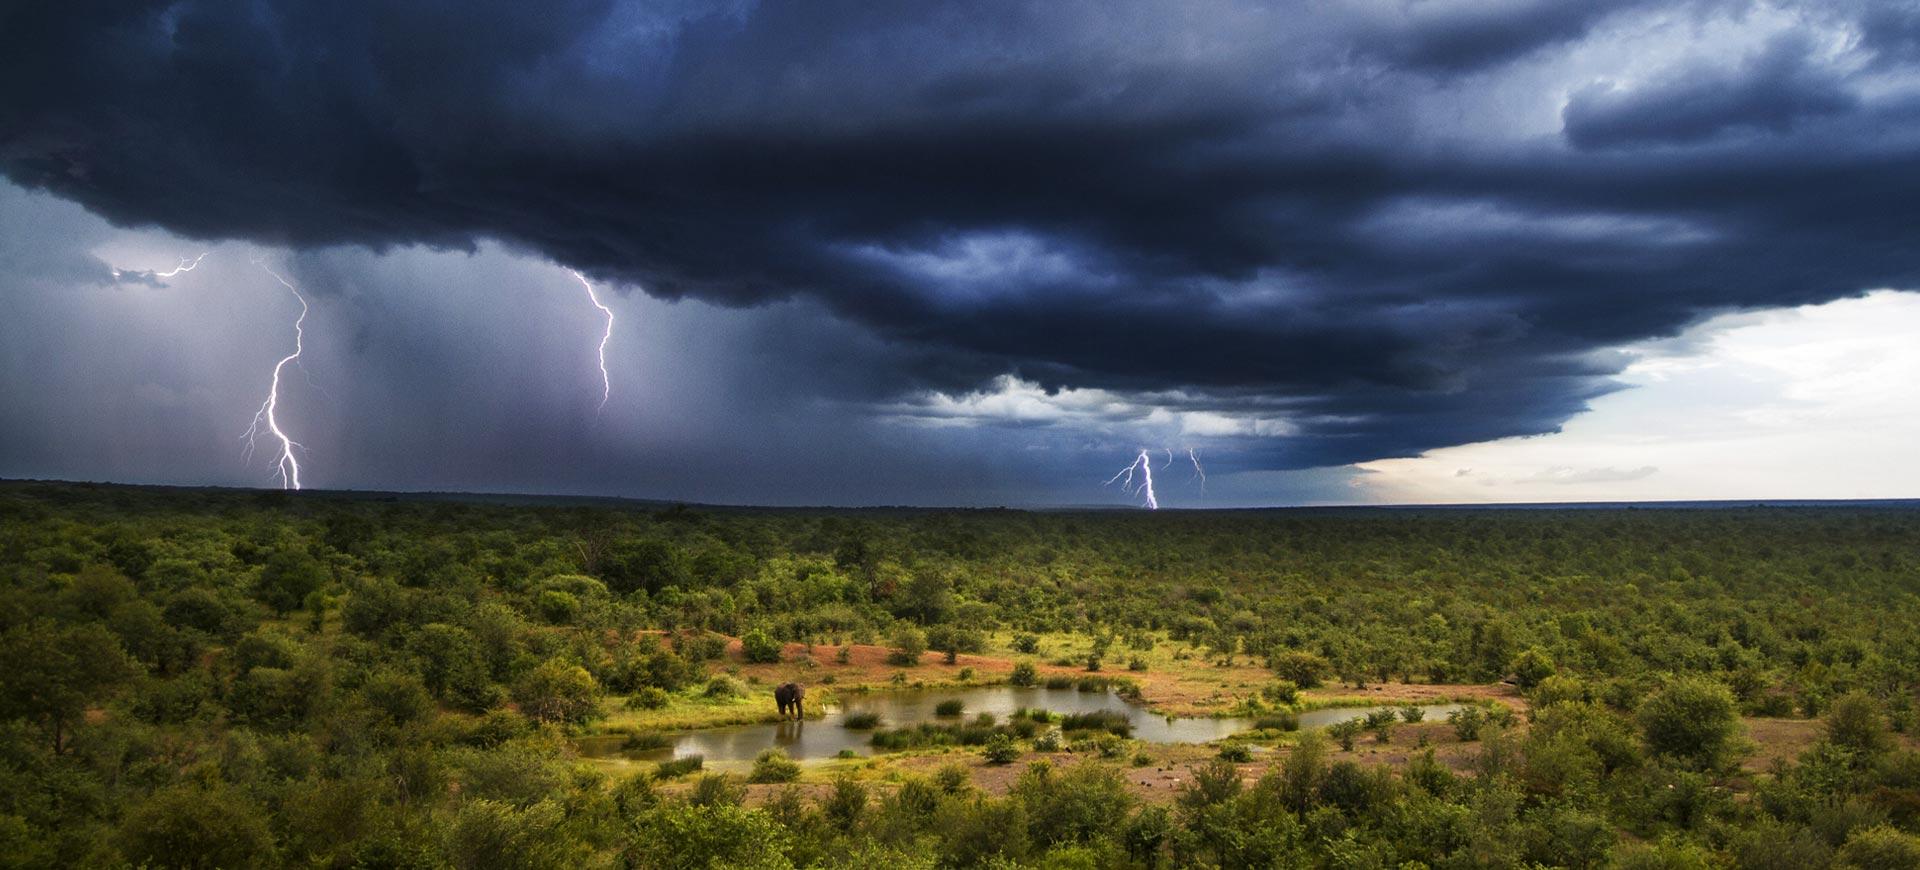 Safari Lodge Conference In Victoria Falls